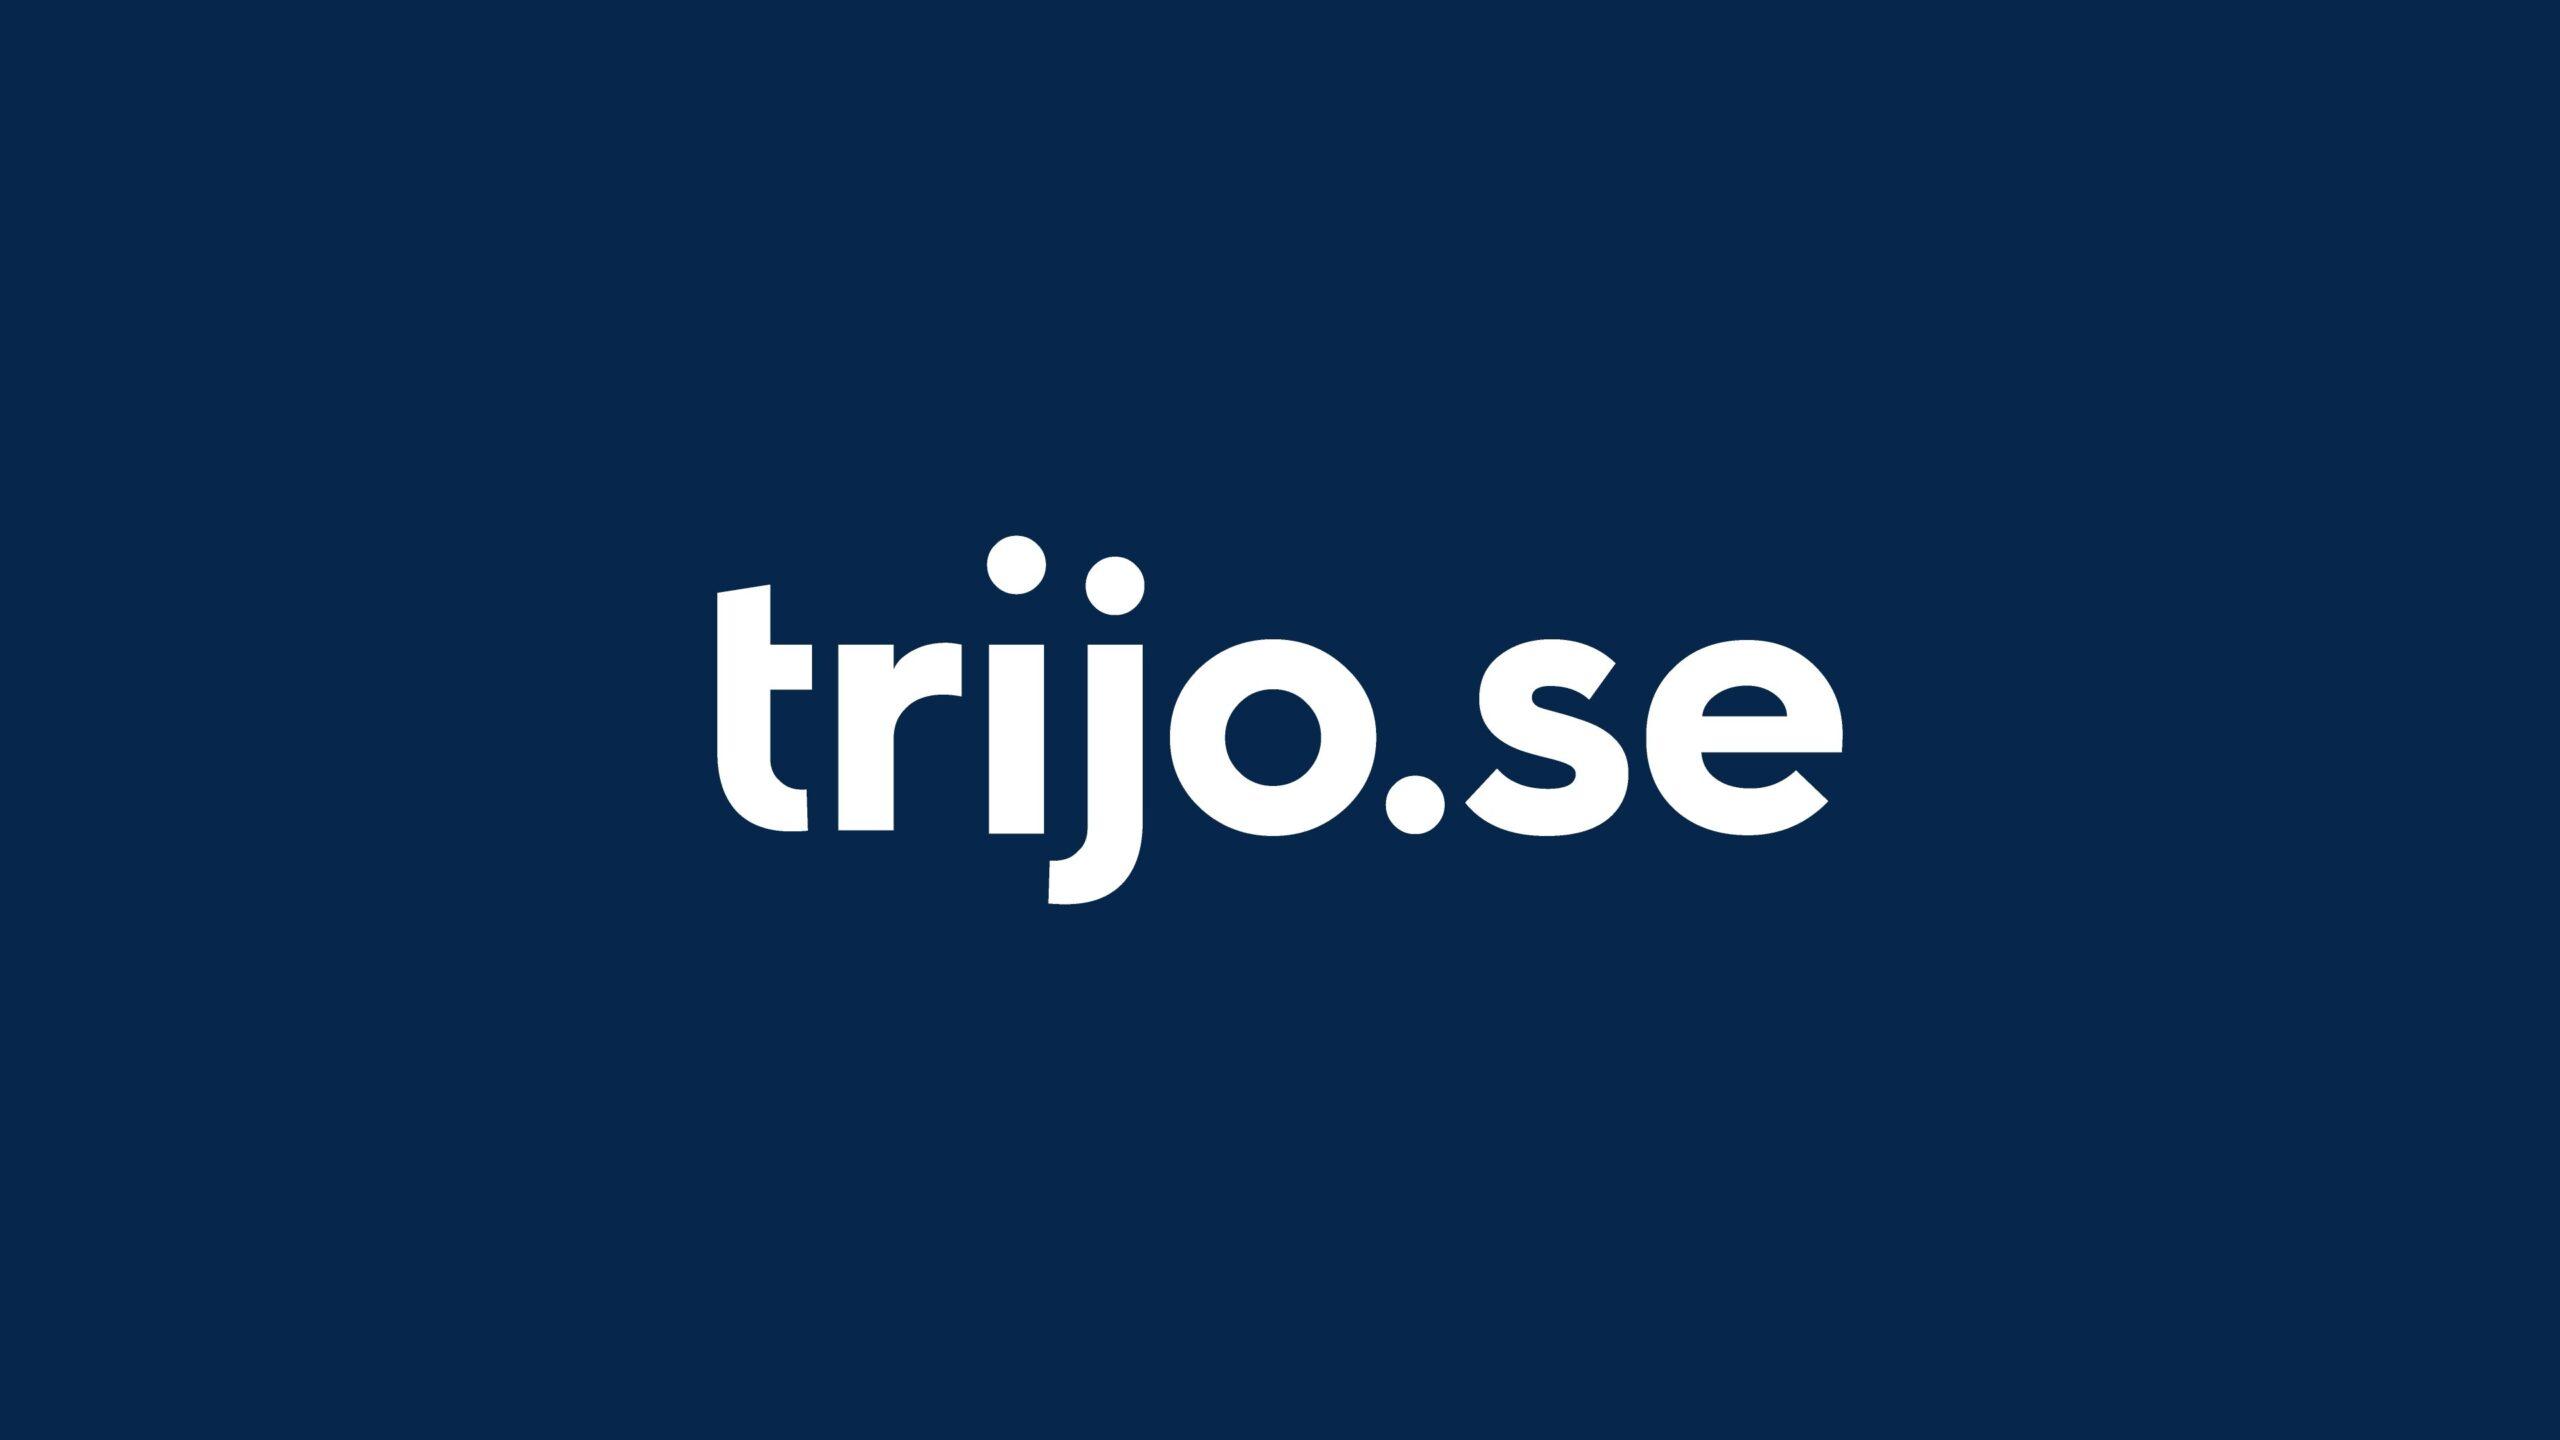 Trijo är Sveriges enda börs för handel med kryptovalutor. Trijo är fullt reglerade hos Finansinspektionen och erbjuder handel med bitcoin,